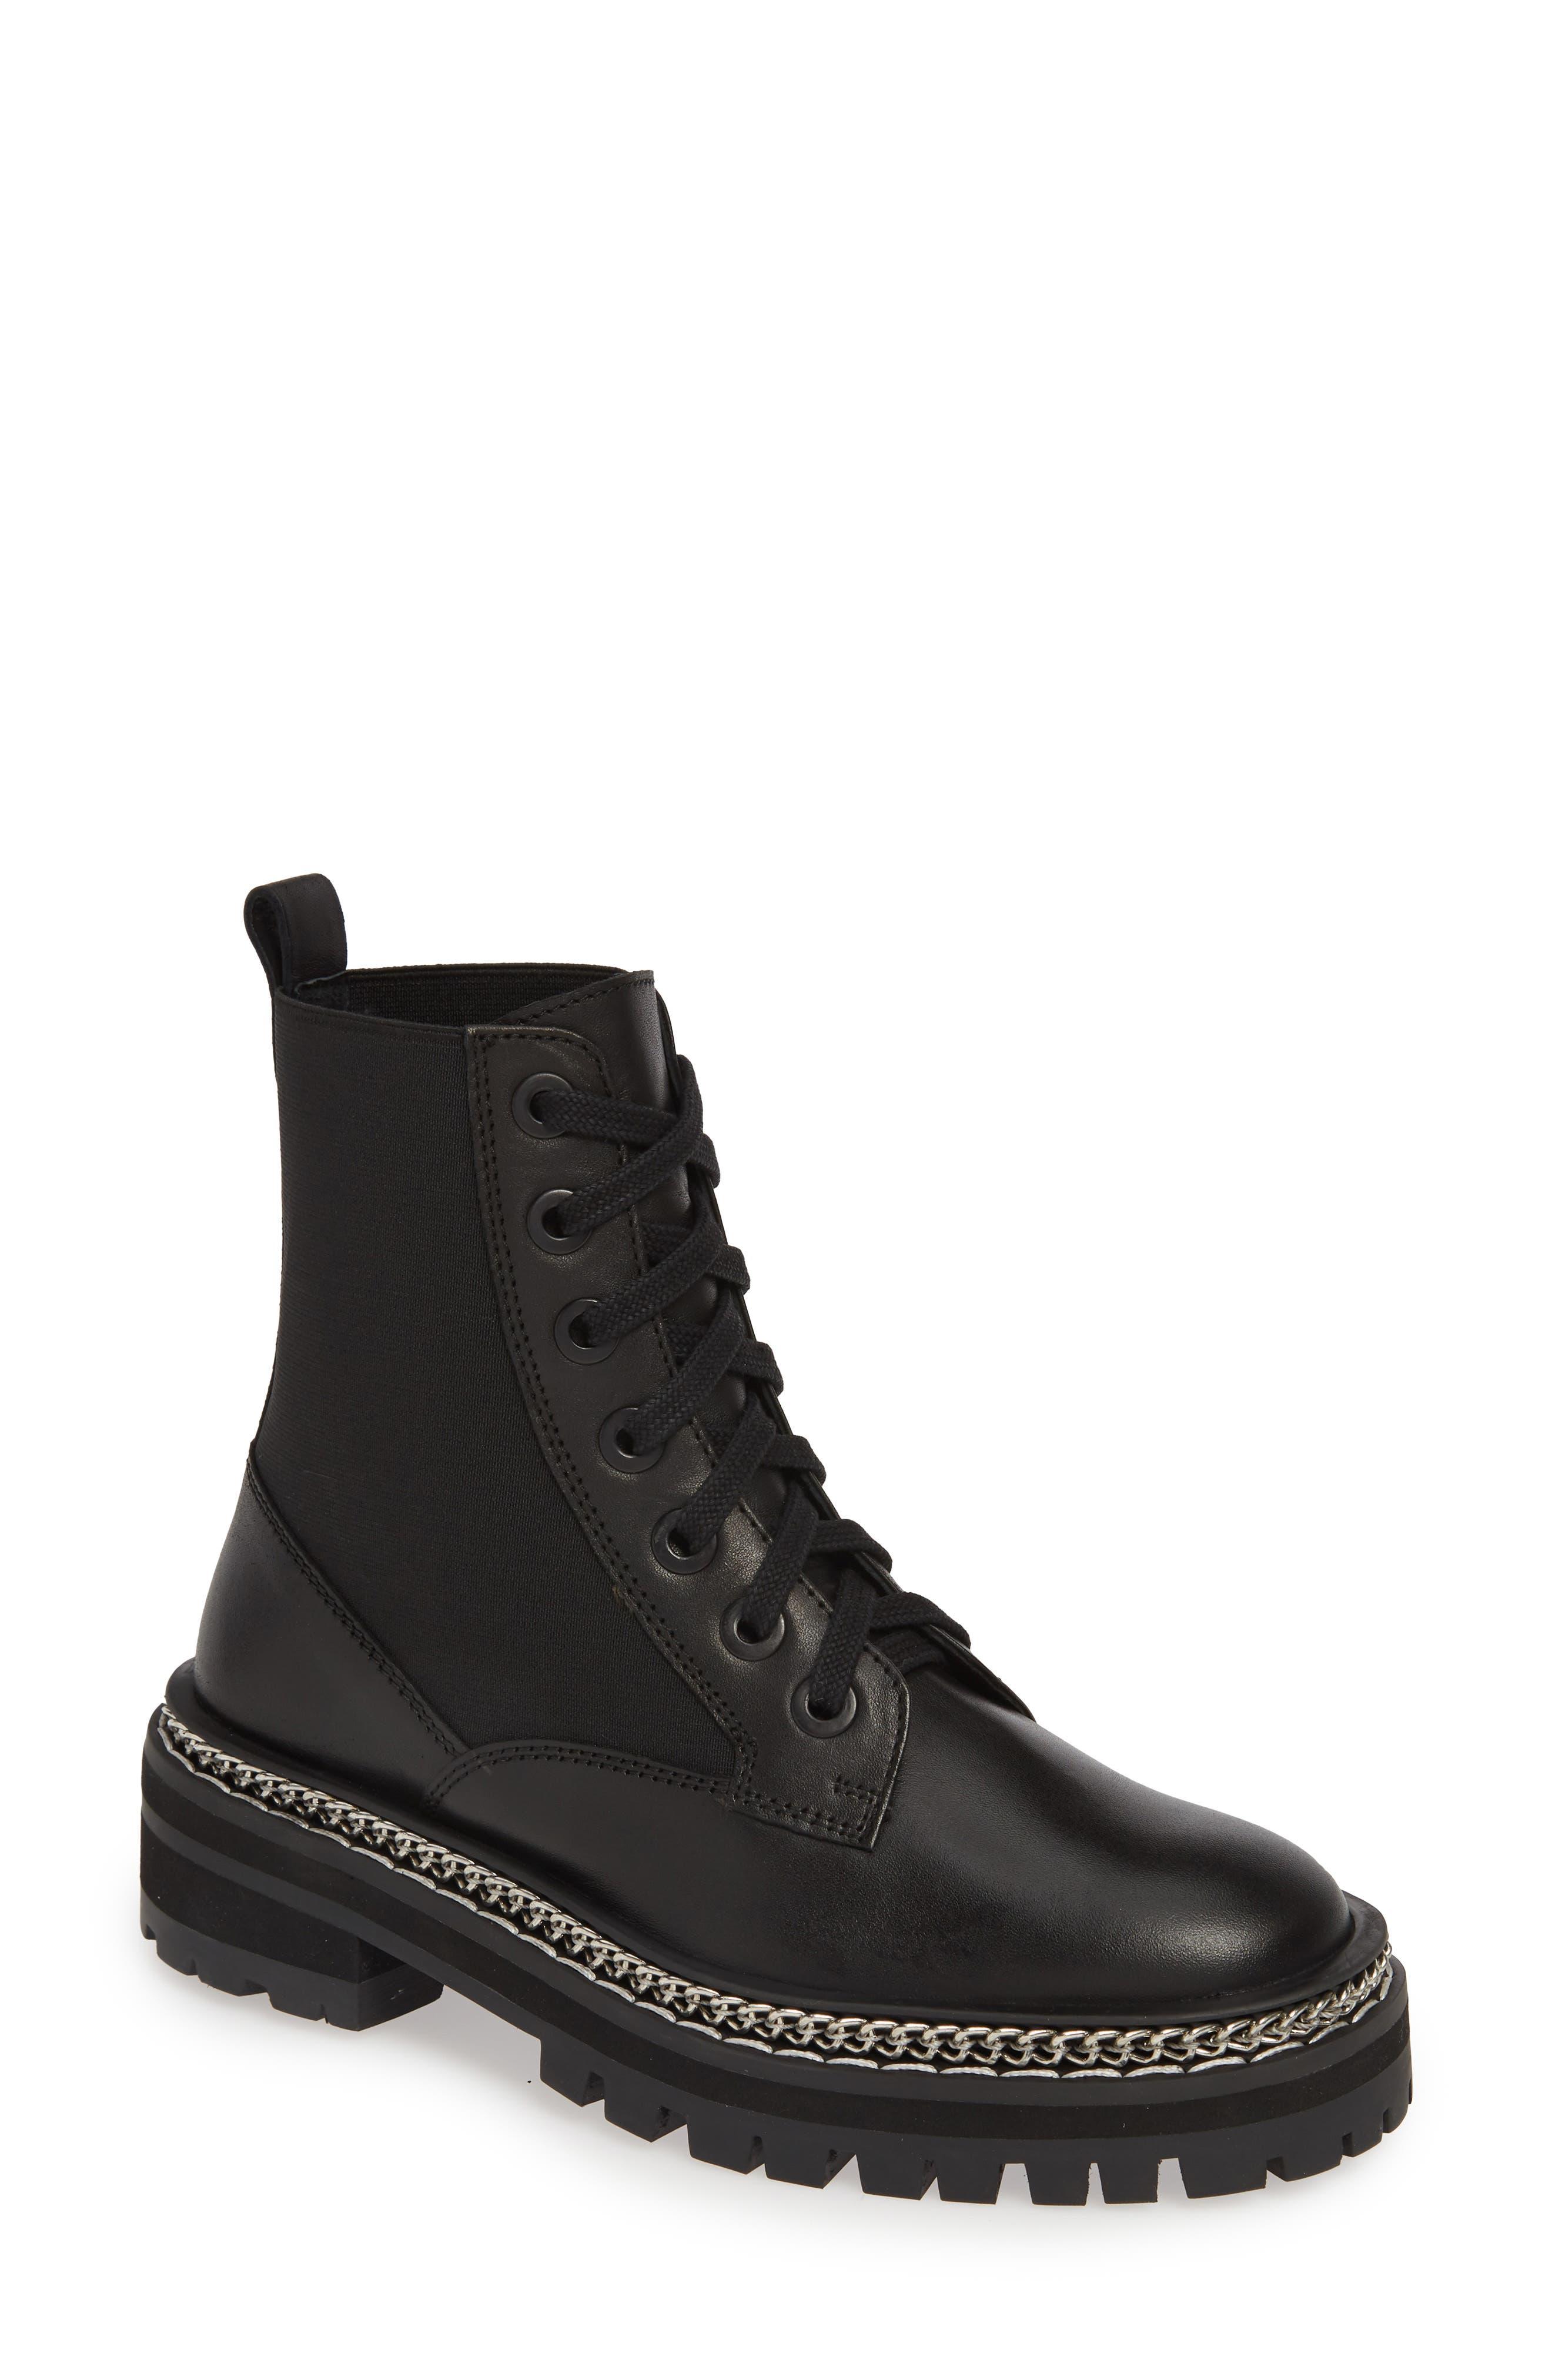 Topshop Ashton Chain Moto Boot- Black